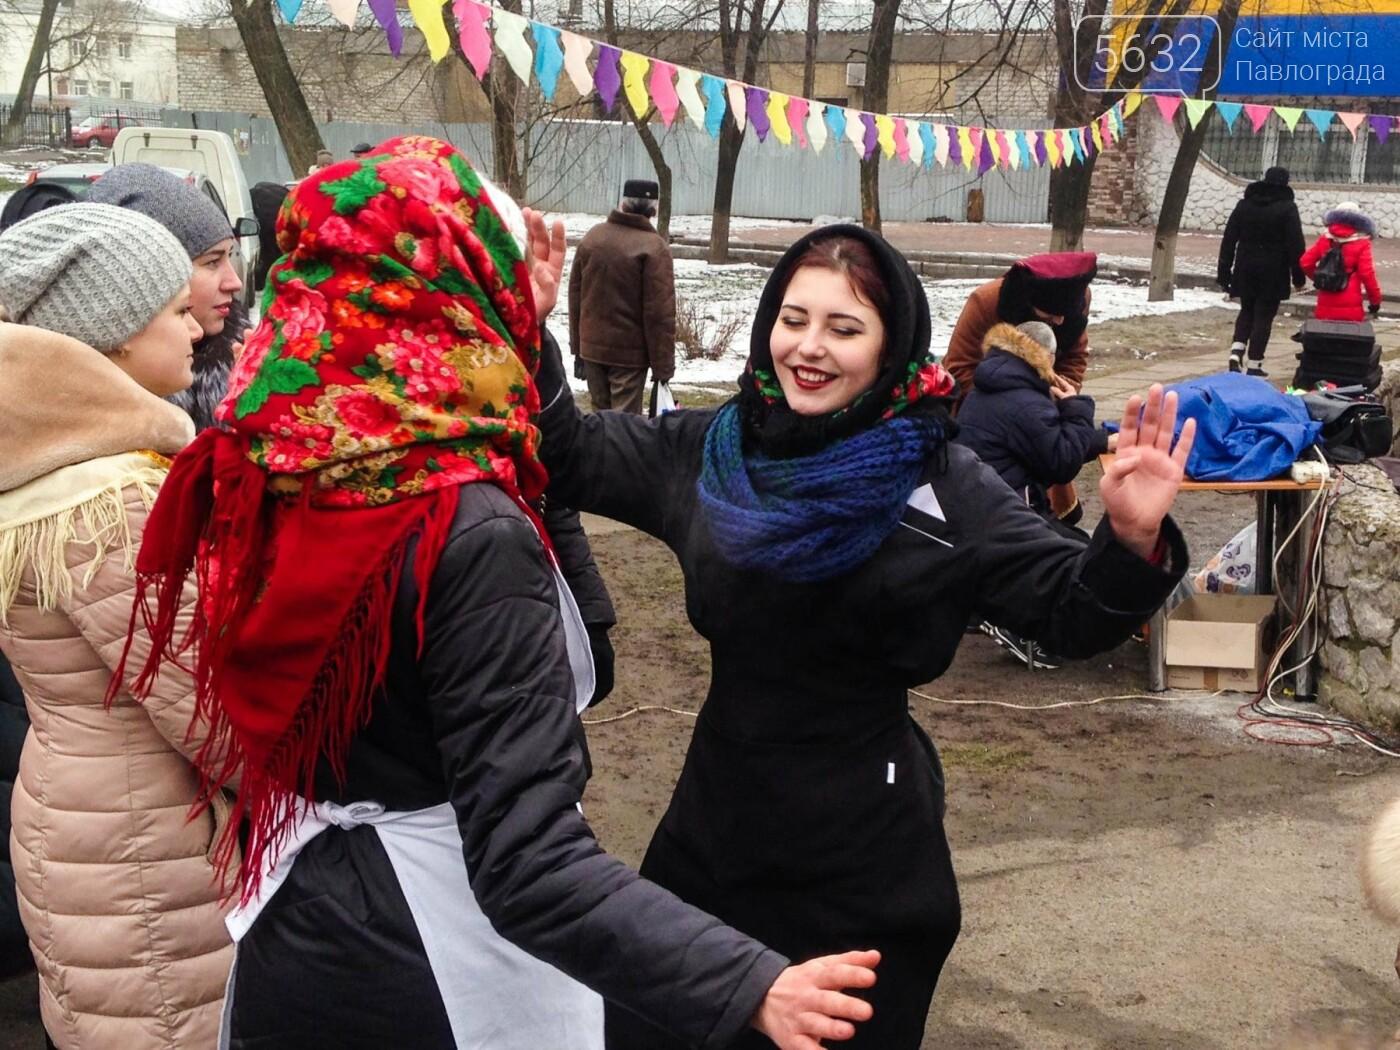 Павлоградцы устроили на Масленицу настоящие народные гулянья, фото-6